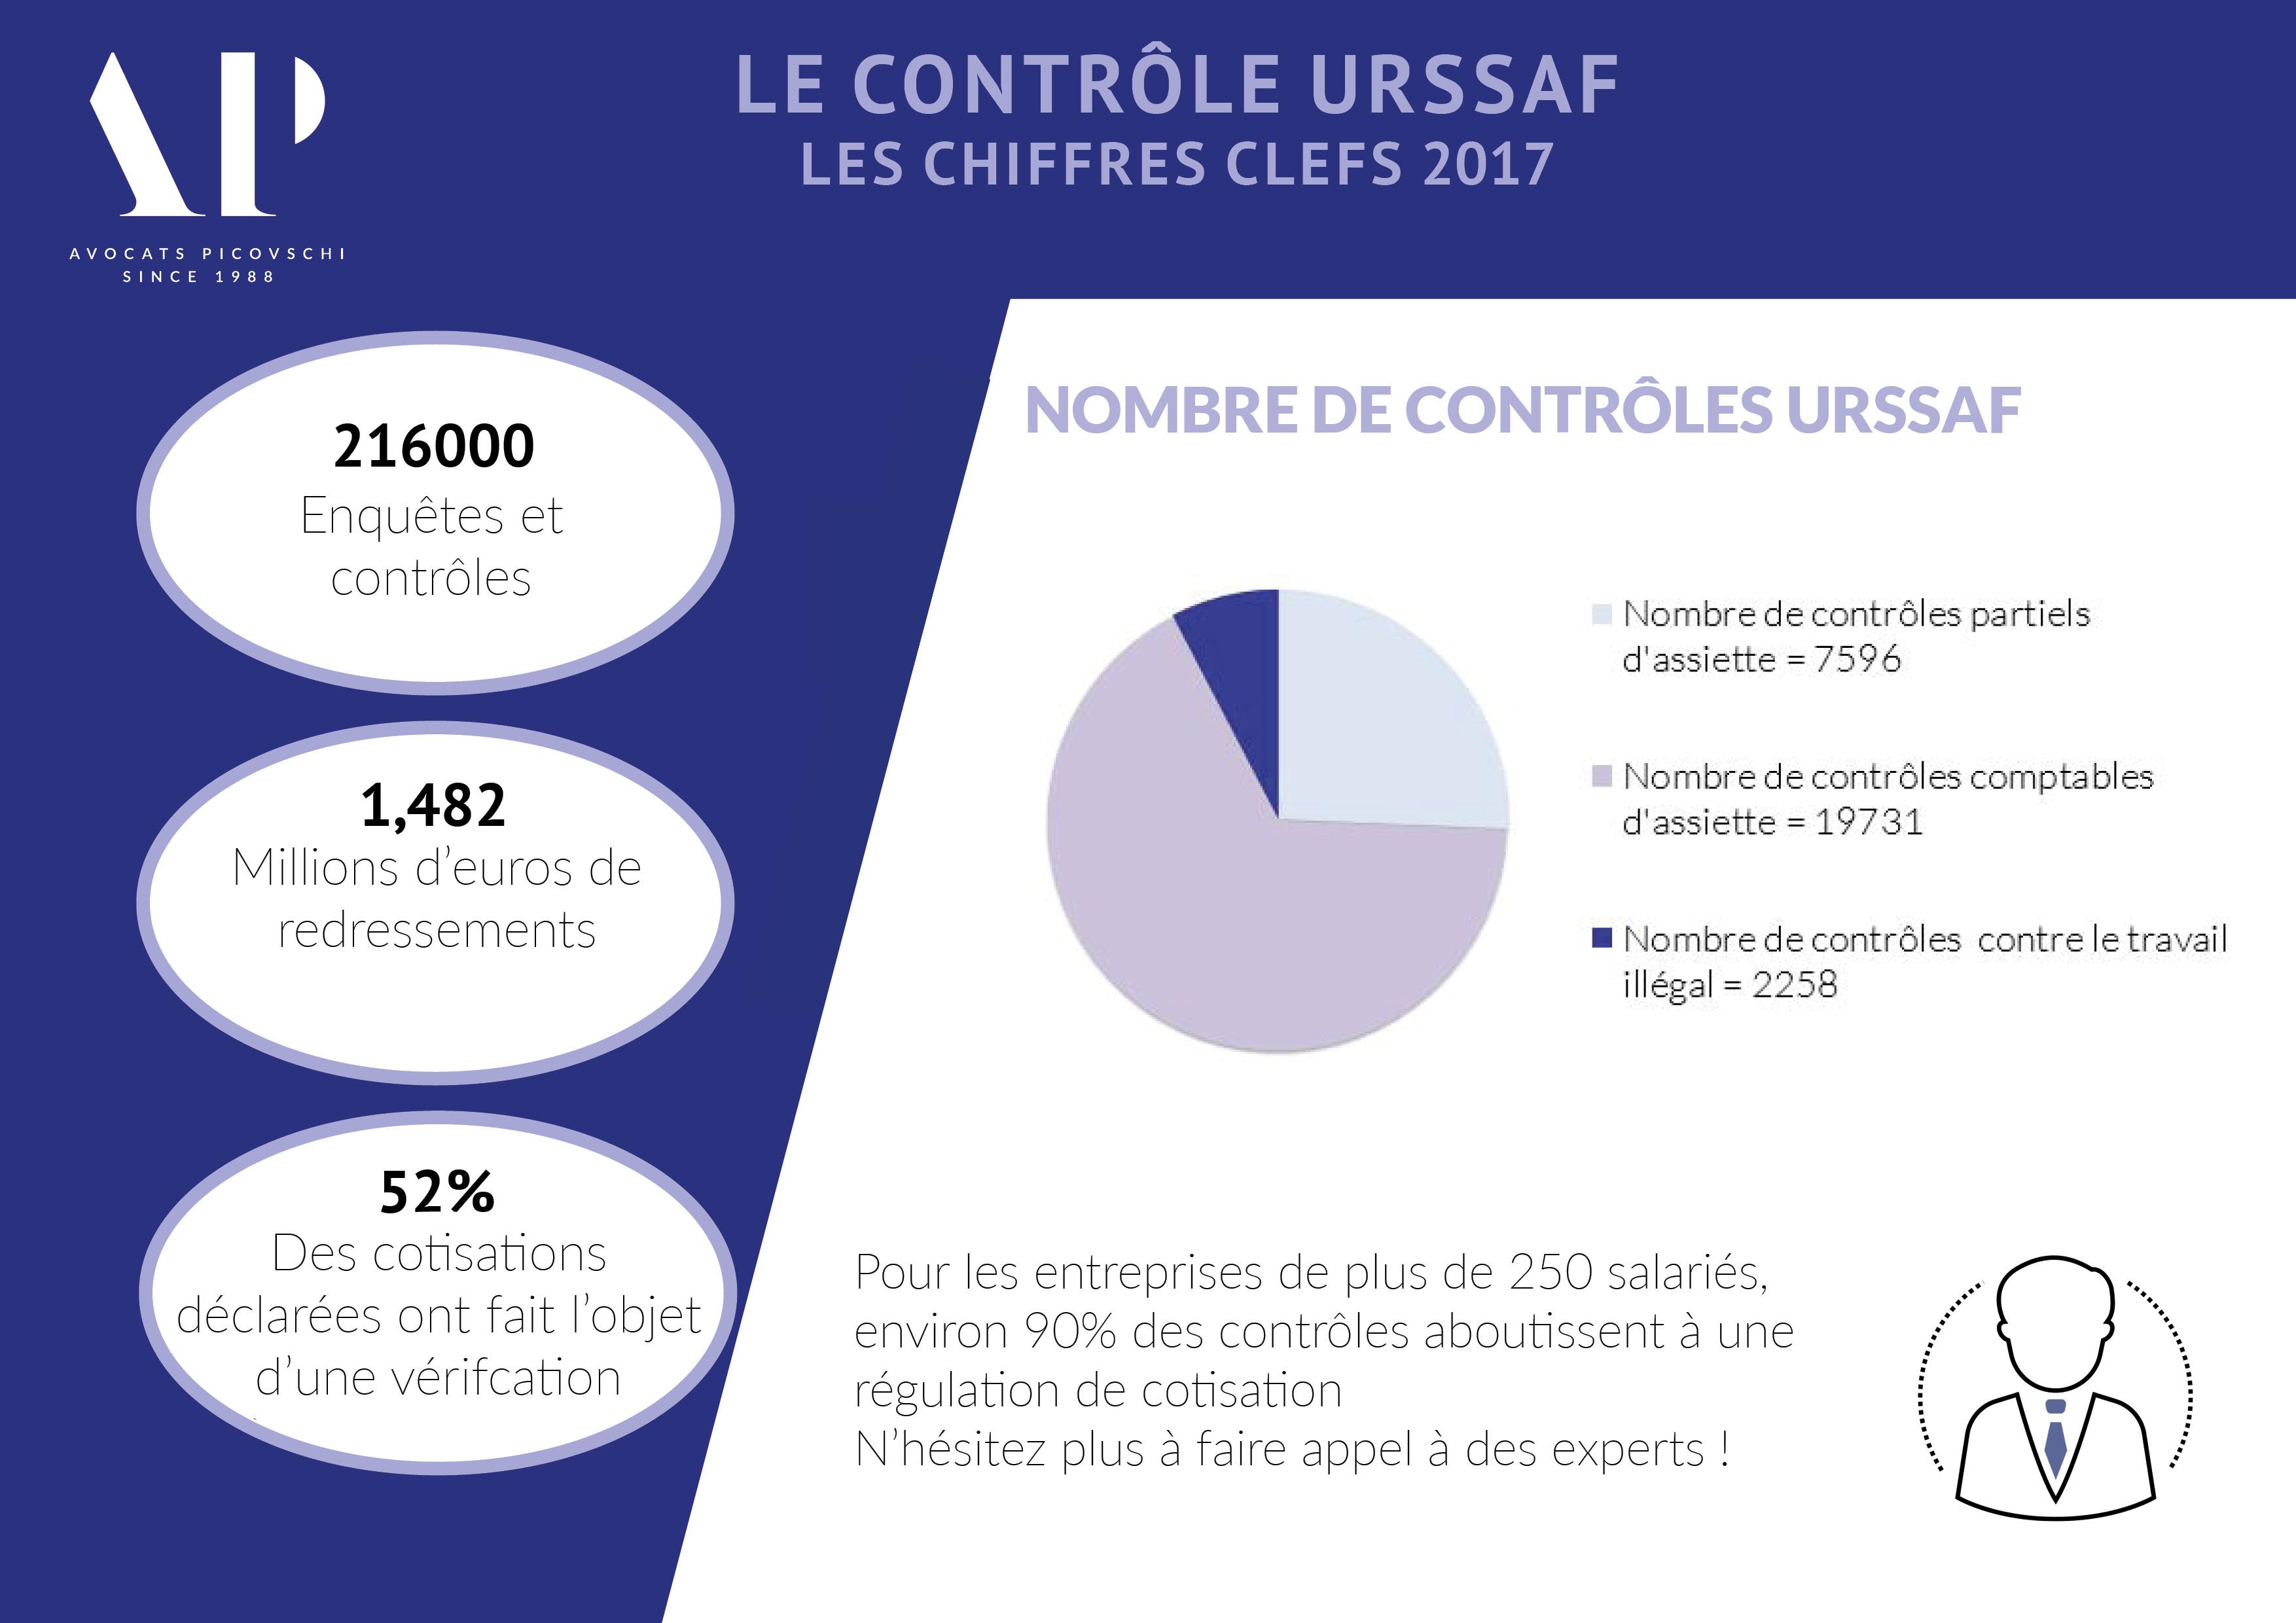 Controle URSSAF en quelques chiffres